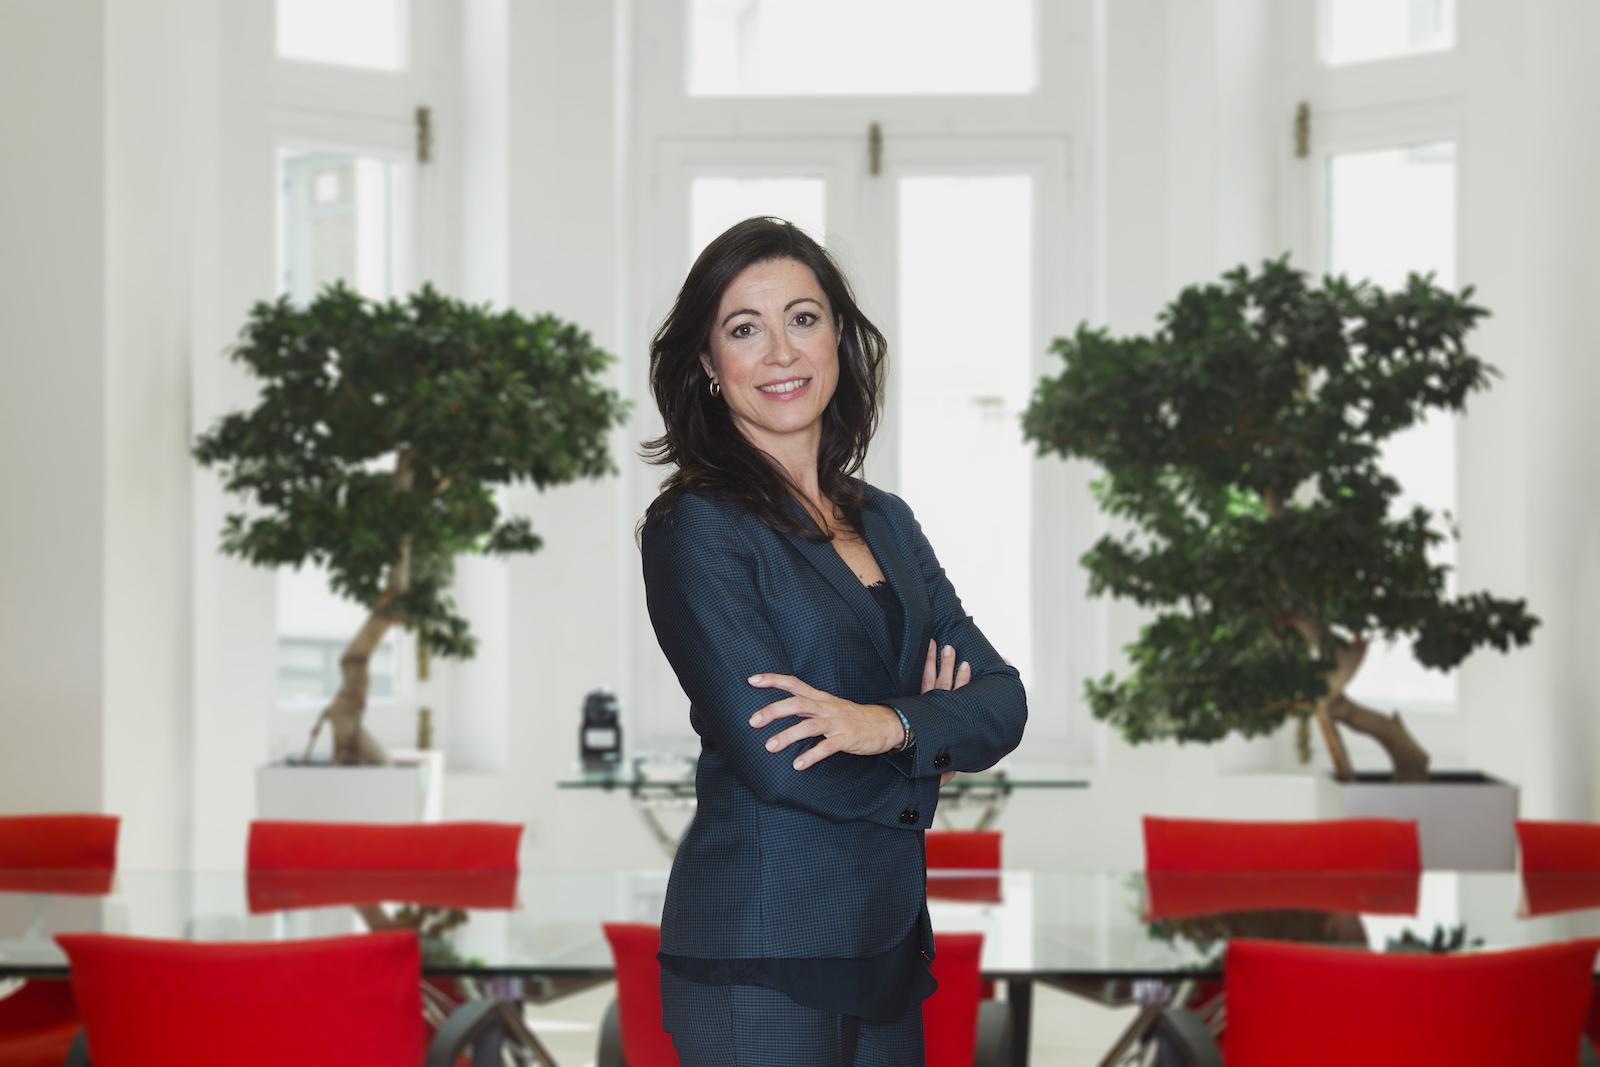 Cristina gilabert pons ip - Oficina europea de patentes y marcas alicante ...